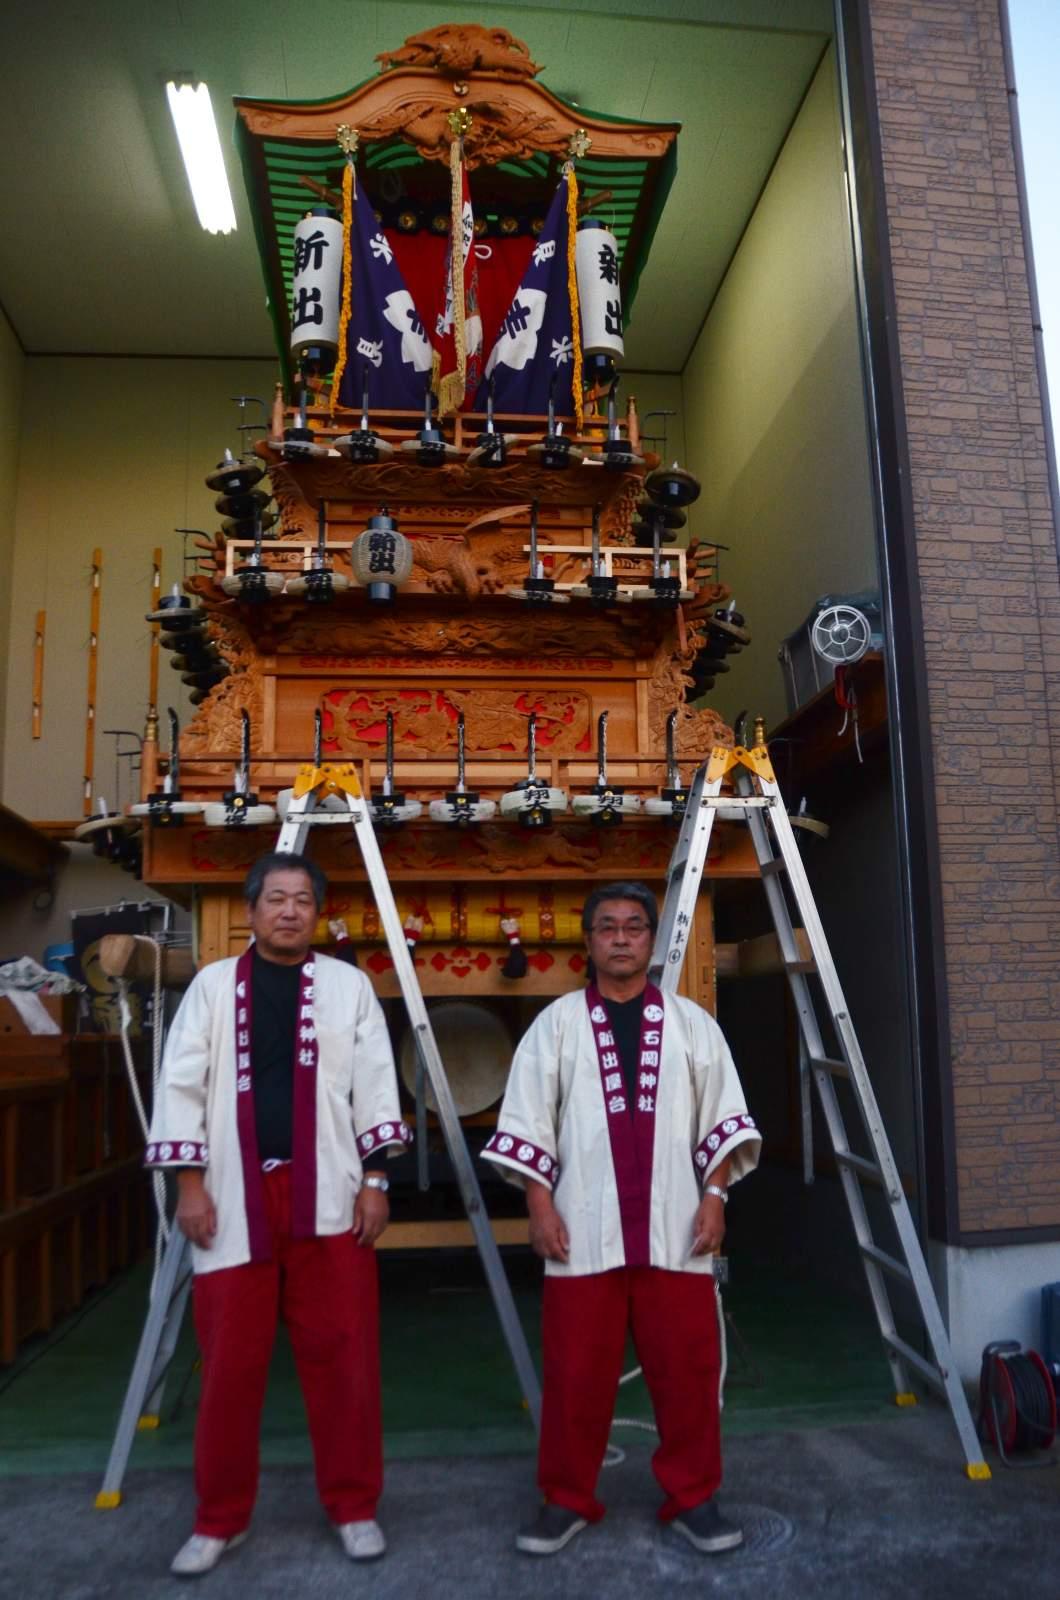 新出屋台(新出だんじり) 祭り装束